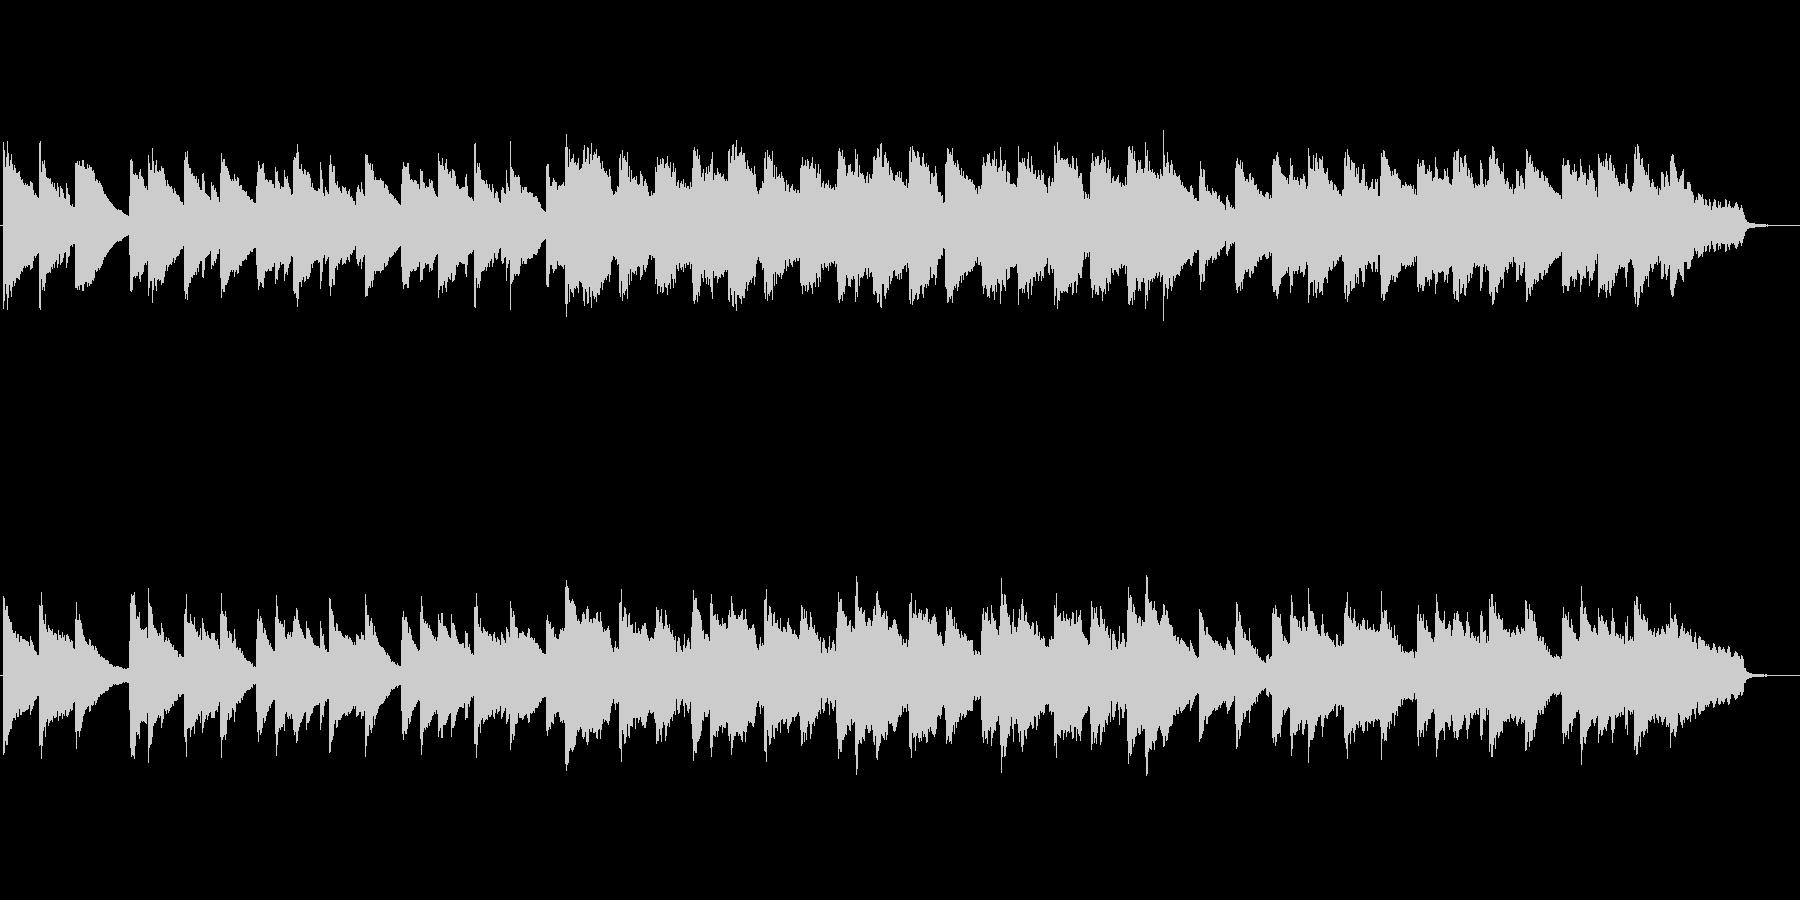 ピアノとストリングスの静かなバラードの未再生の波形